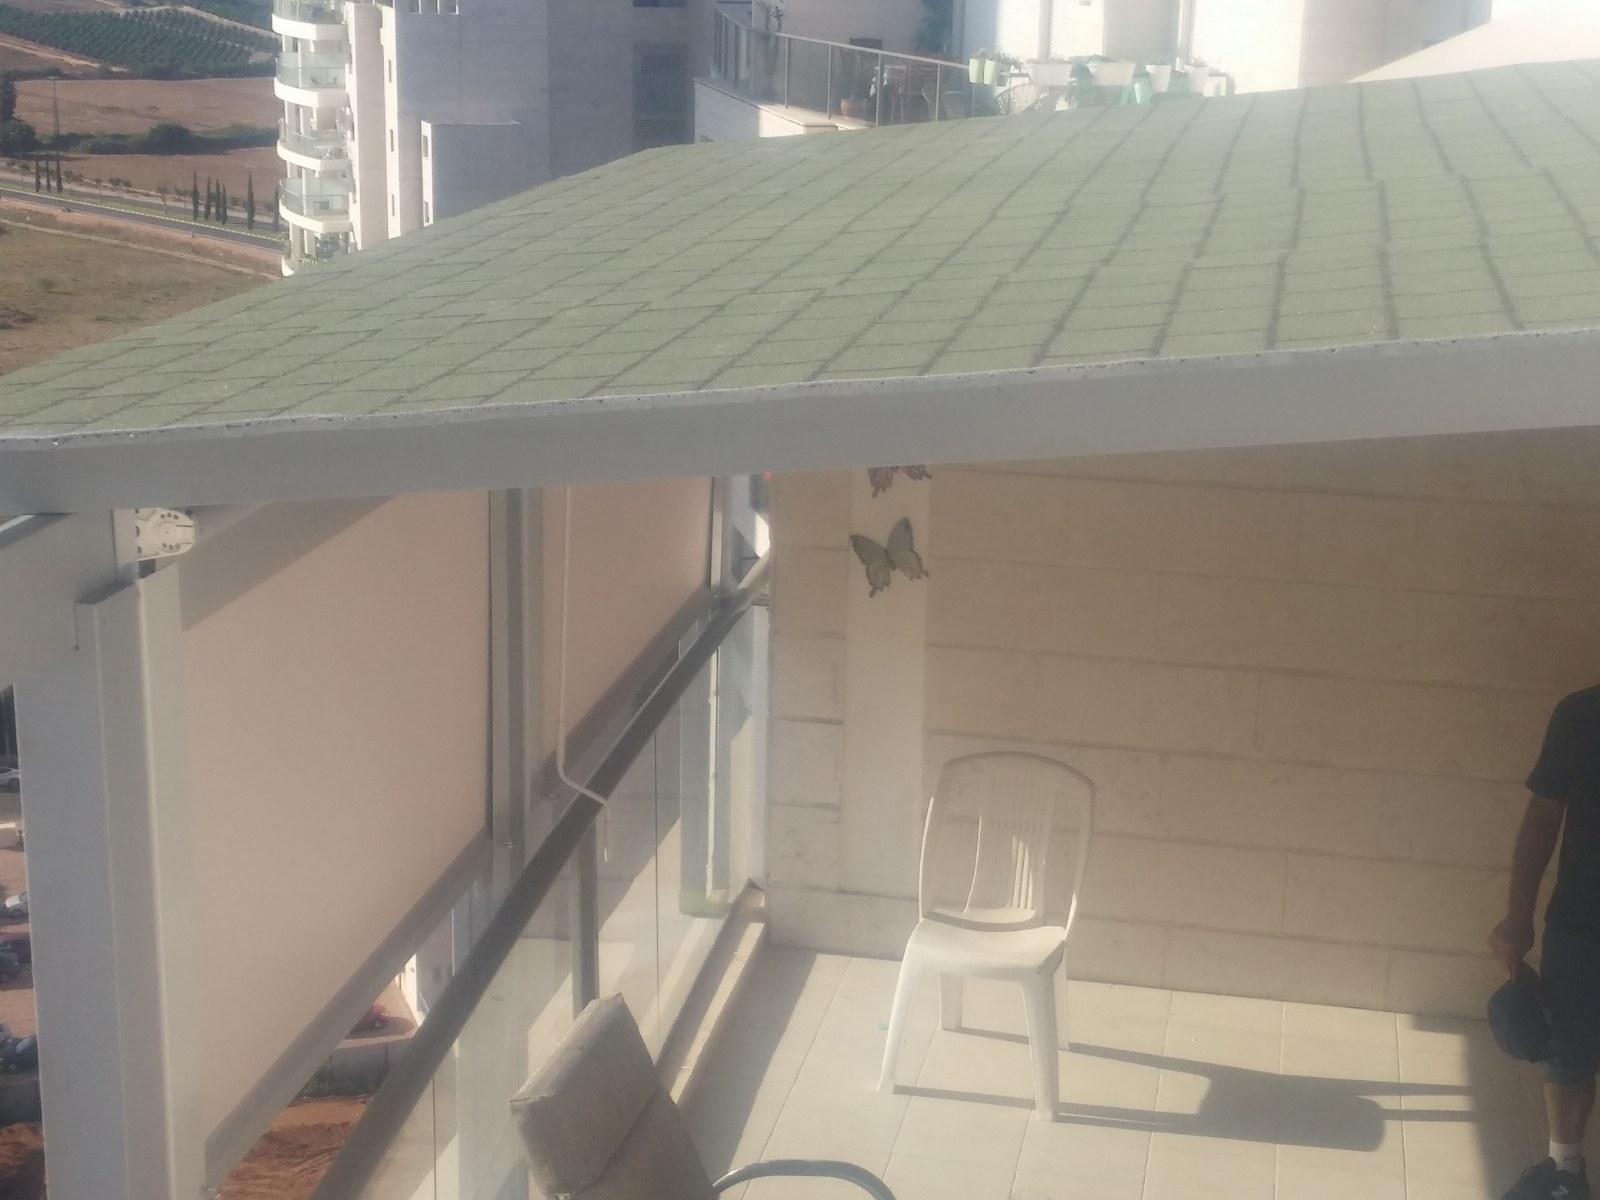 פרגולה עם גג משינגלס